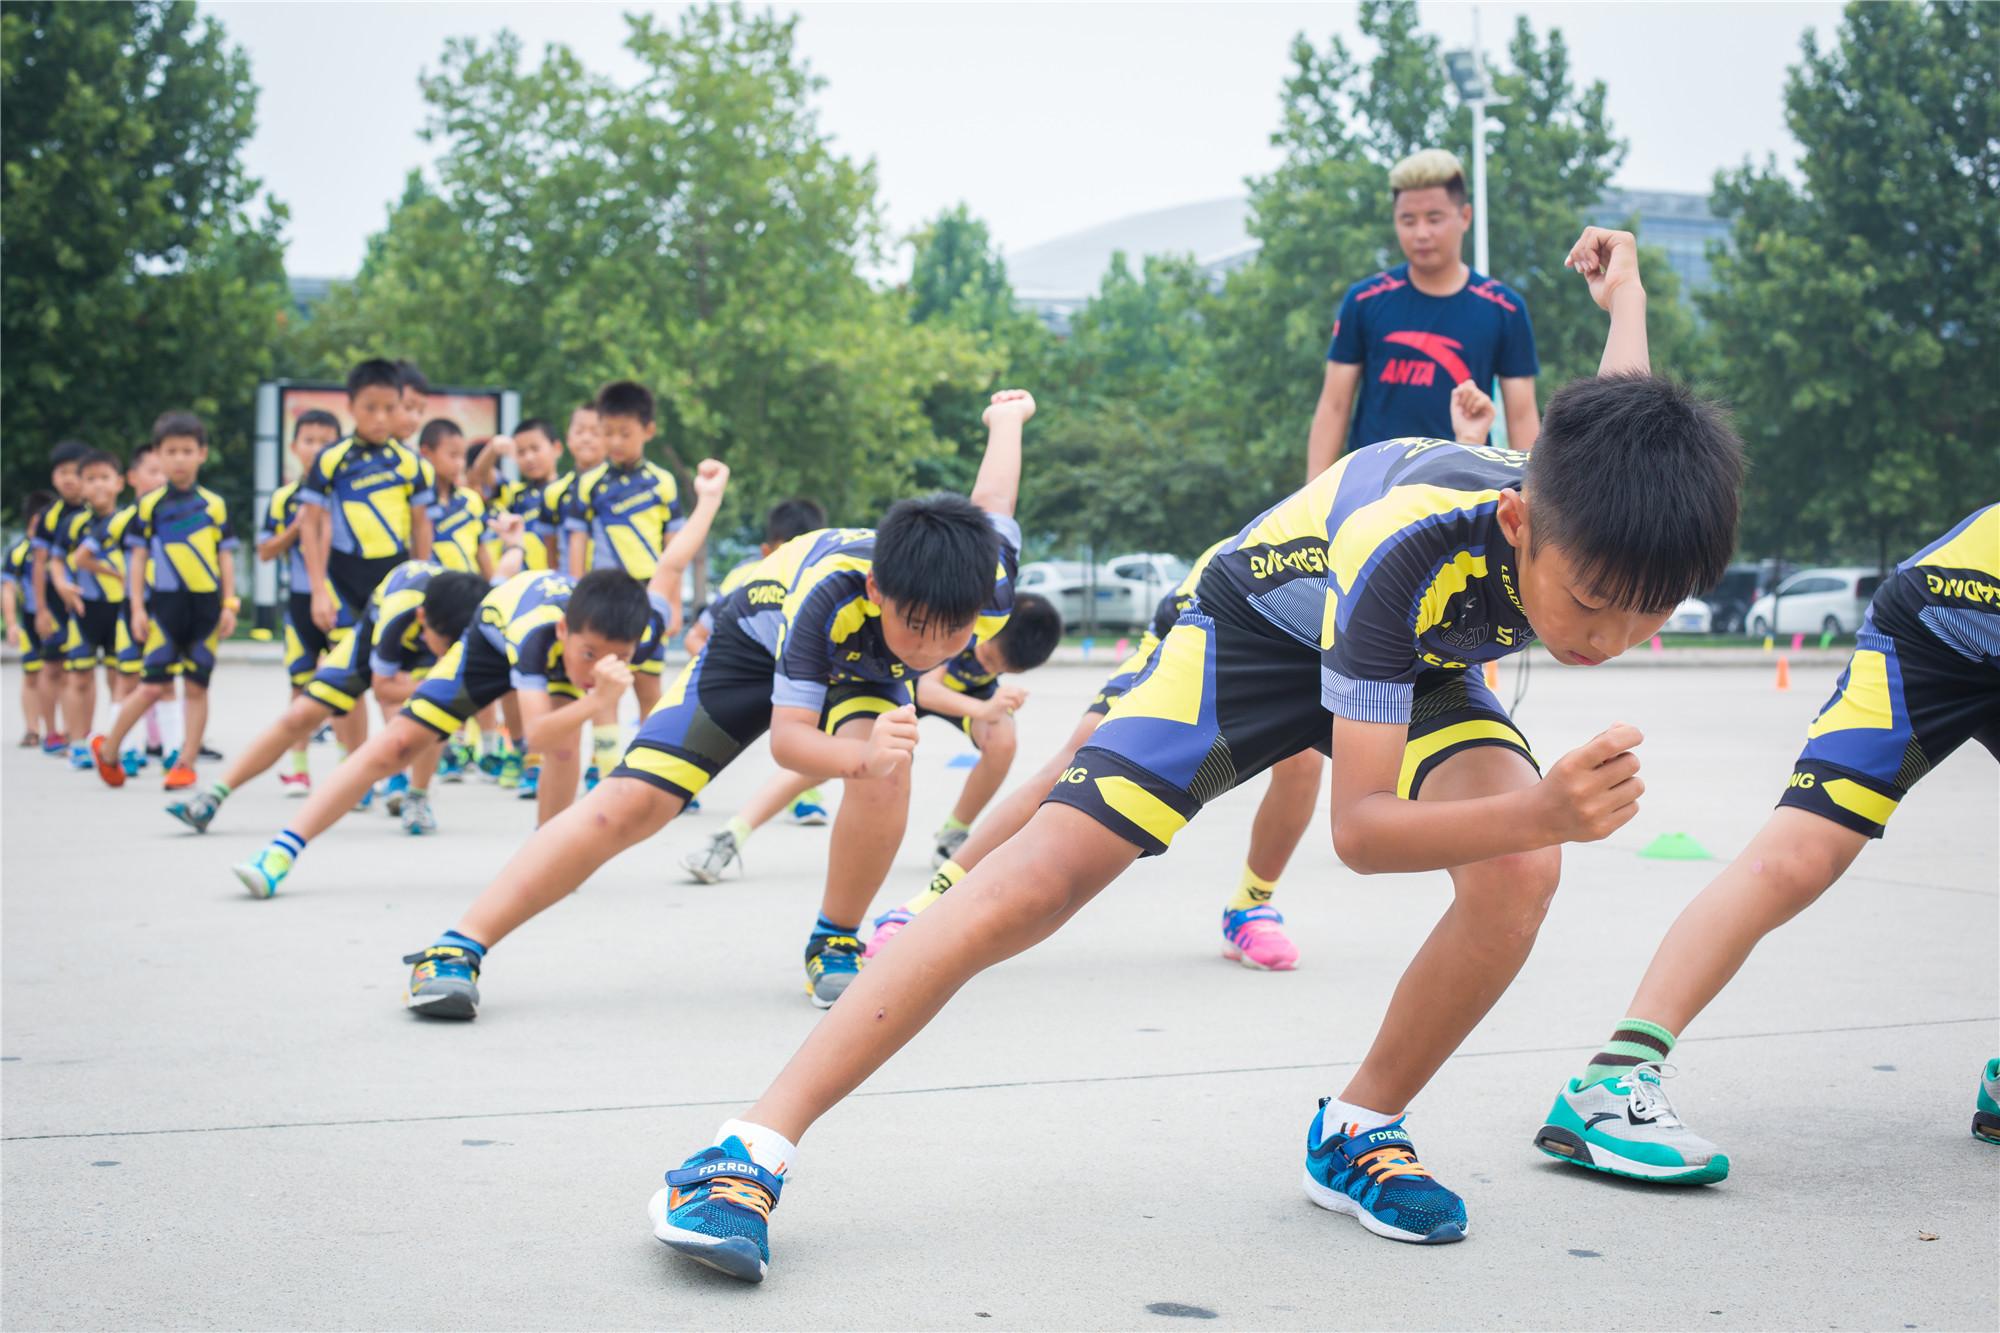 米高轮滑初学者入门教程,小朋友学轮滑更要保护好双脚